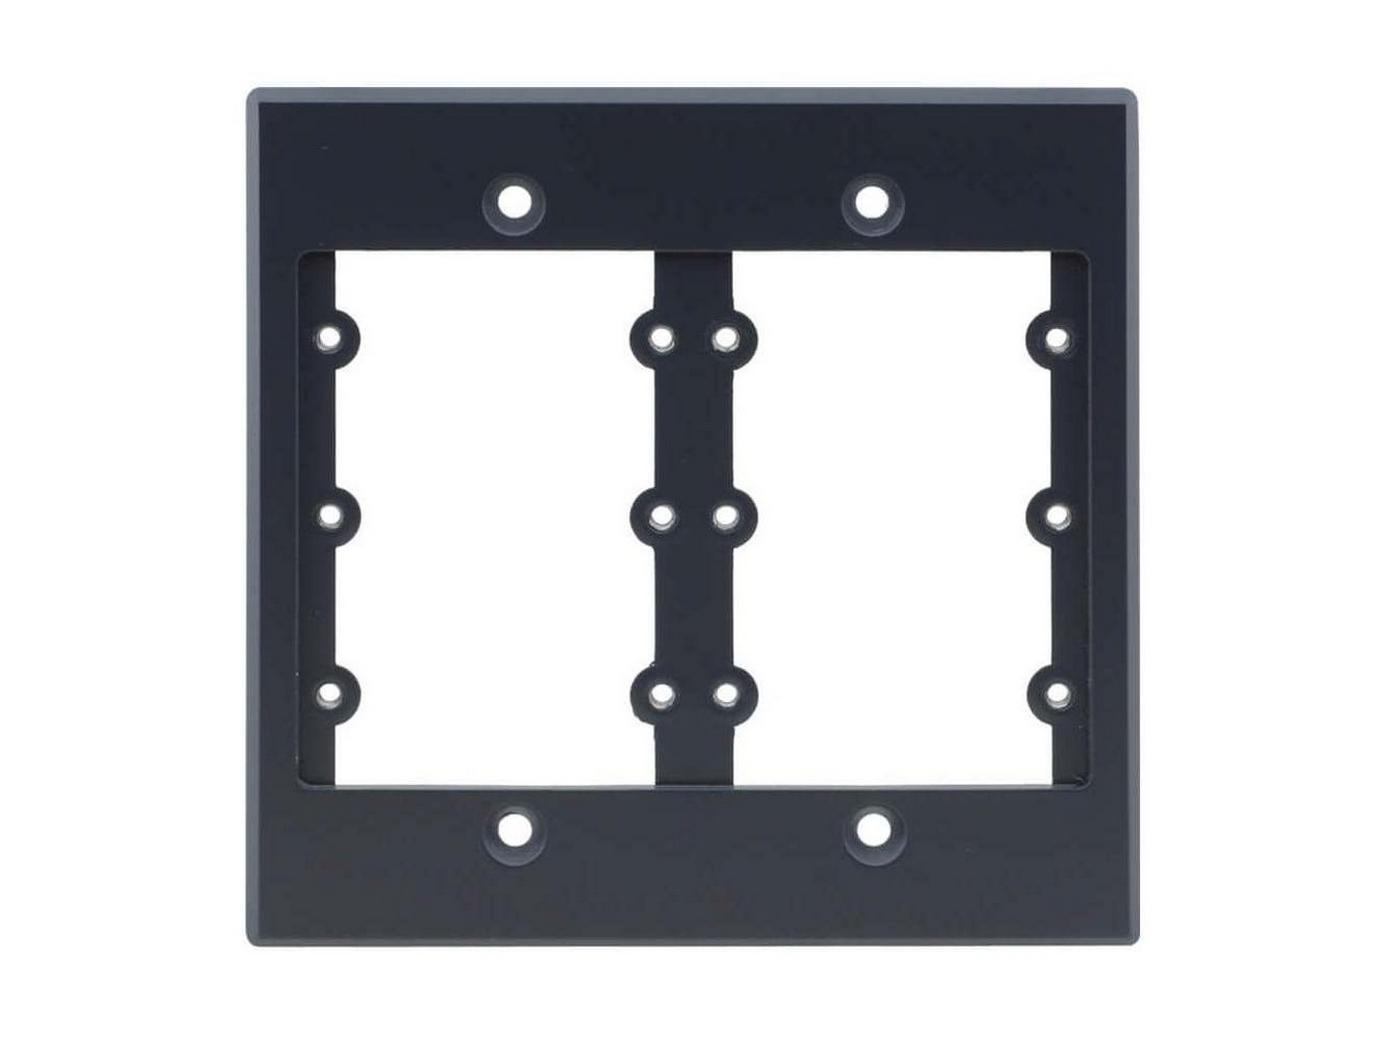 Kramer FRAME-2G(G) 2 Gang Frame/Holds 6 Wall Plate Inserts/Gray